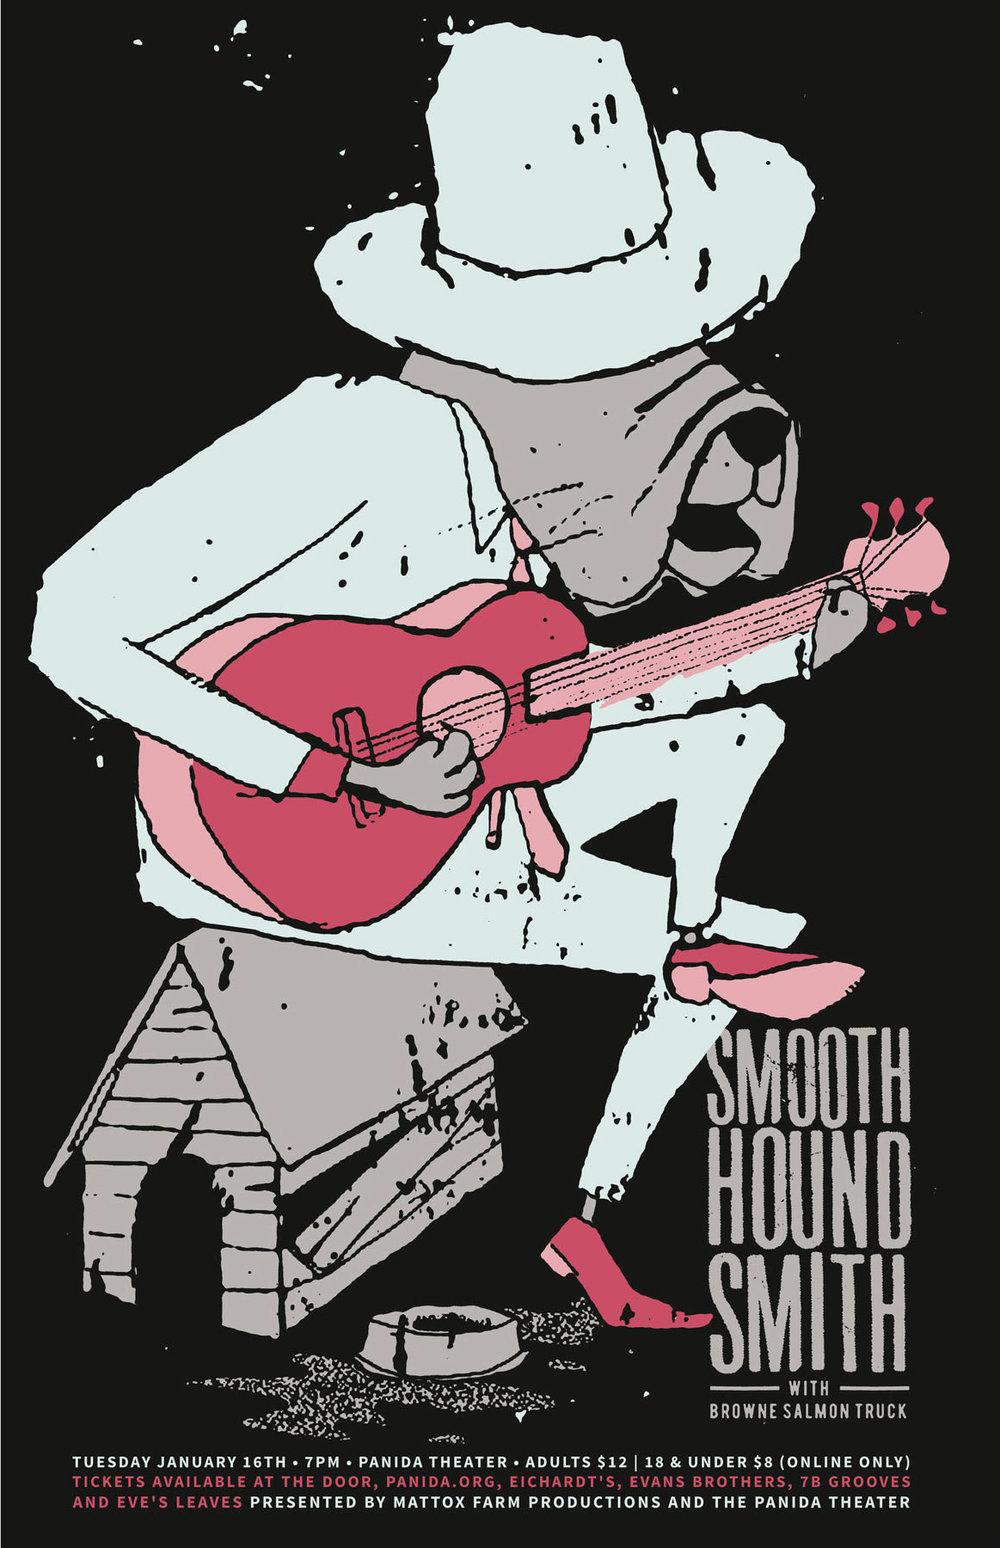 MATTOX_smooth_hound_smith_poster.jpg